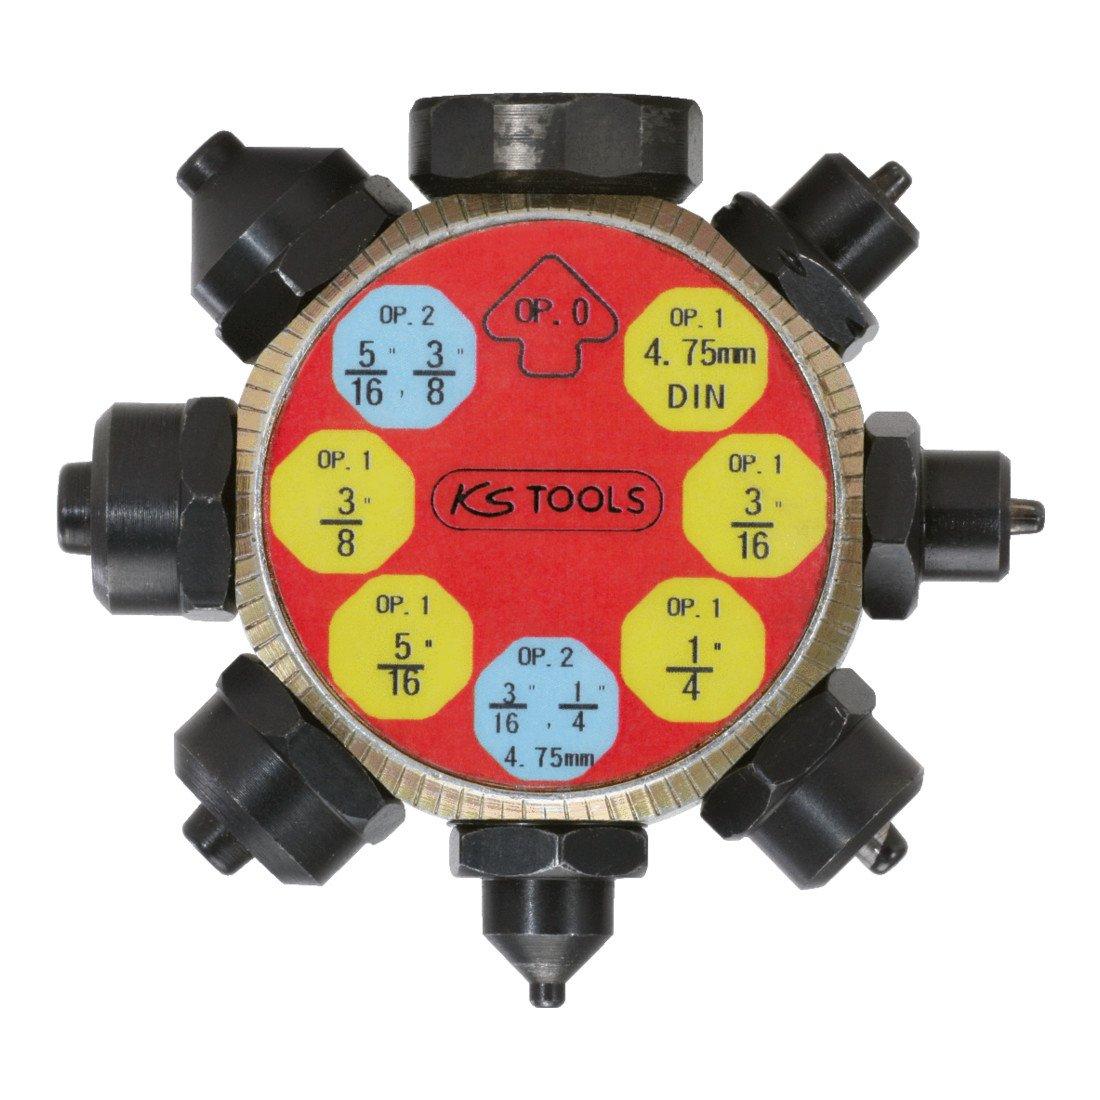 12 pcs SK Hand Tool Universal brake flaring tool set